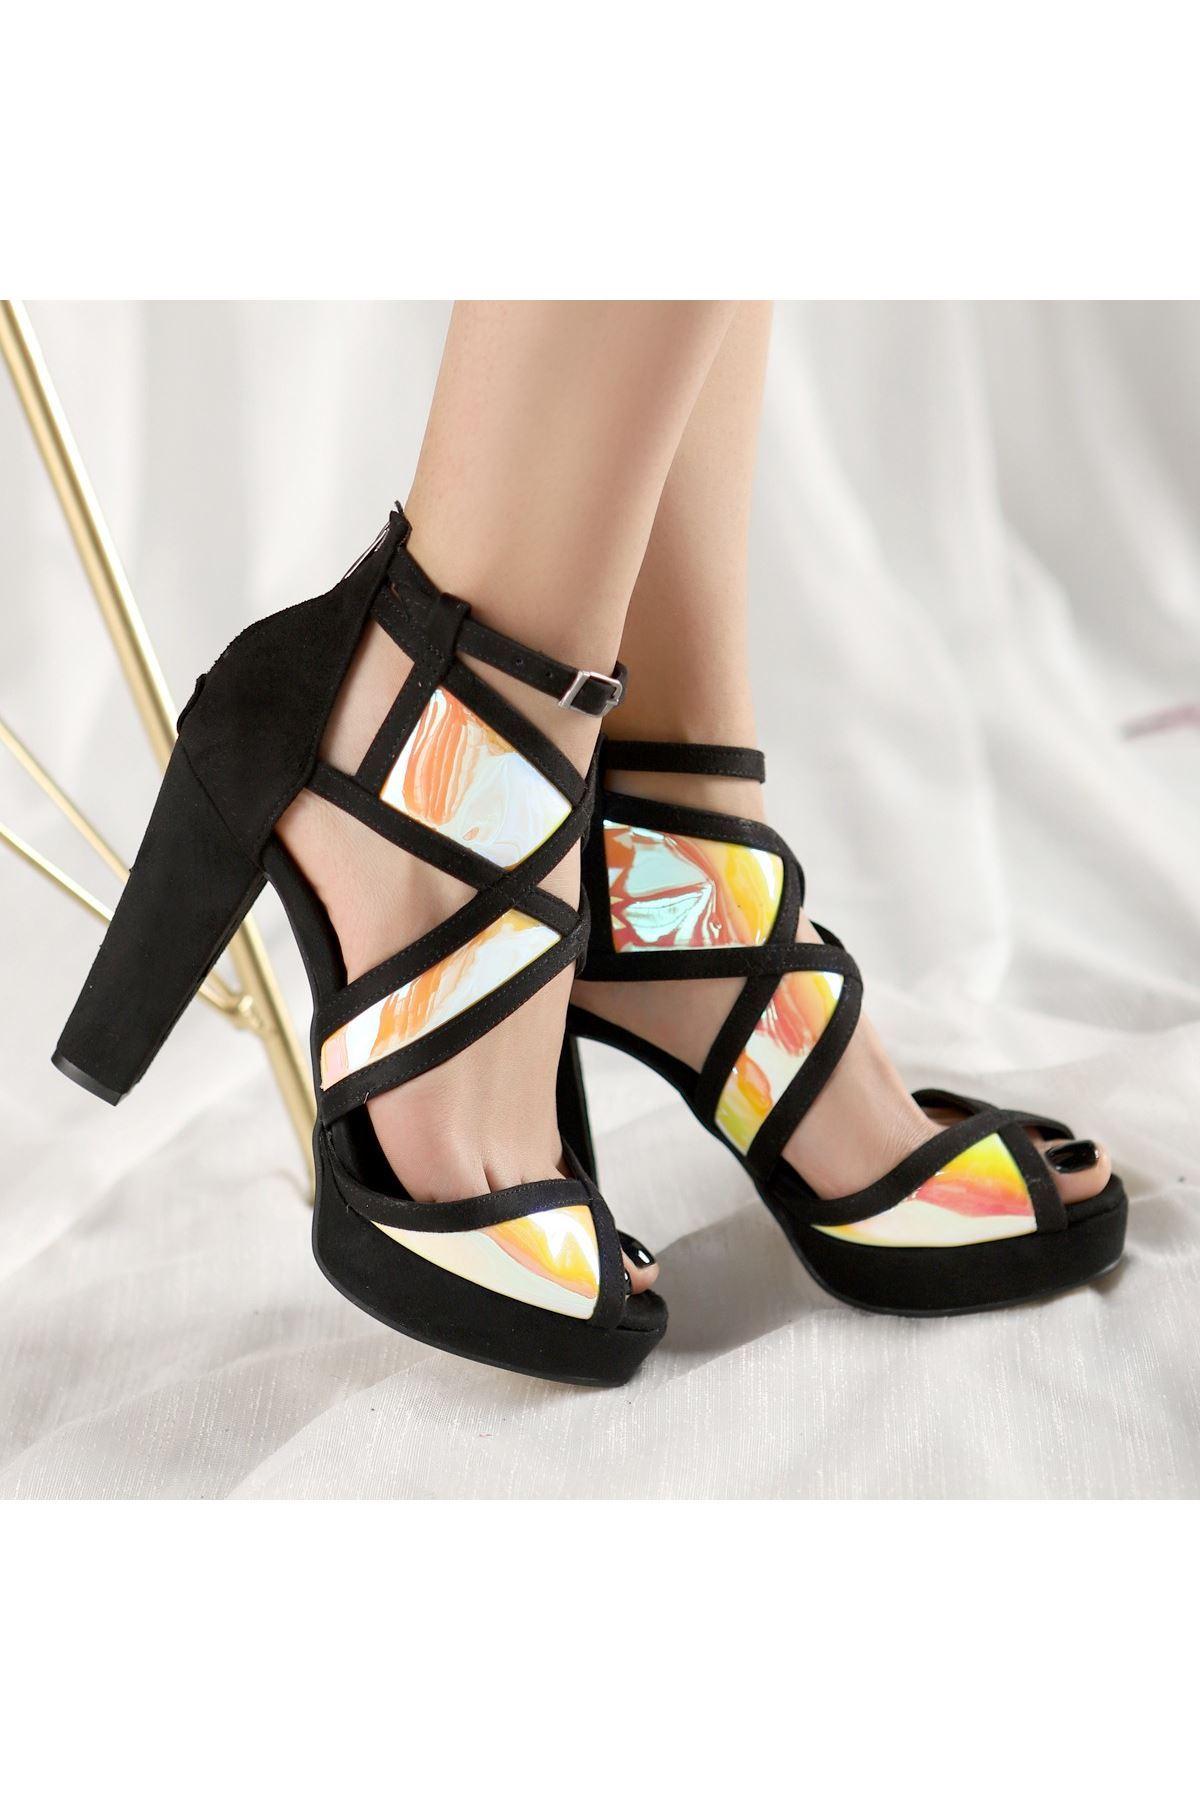 Neani Siyah Süet Sarı Hologramlı Ayakkabı